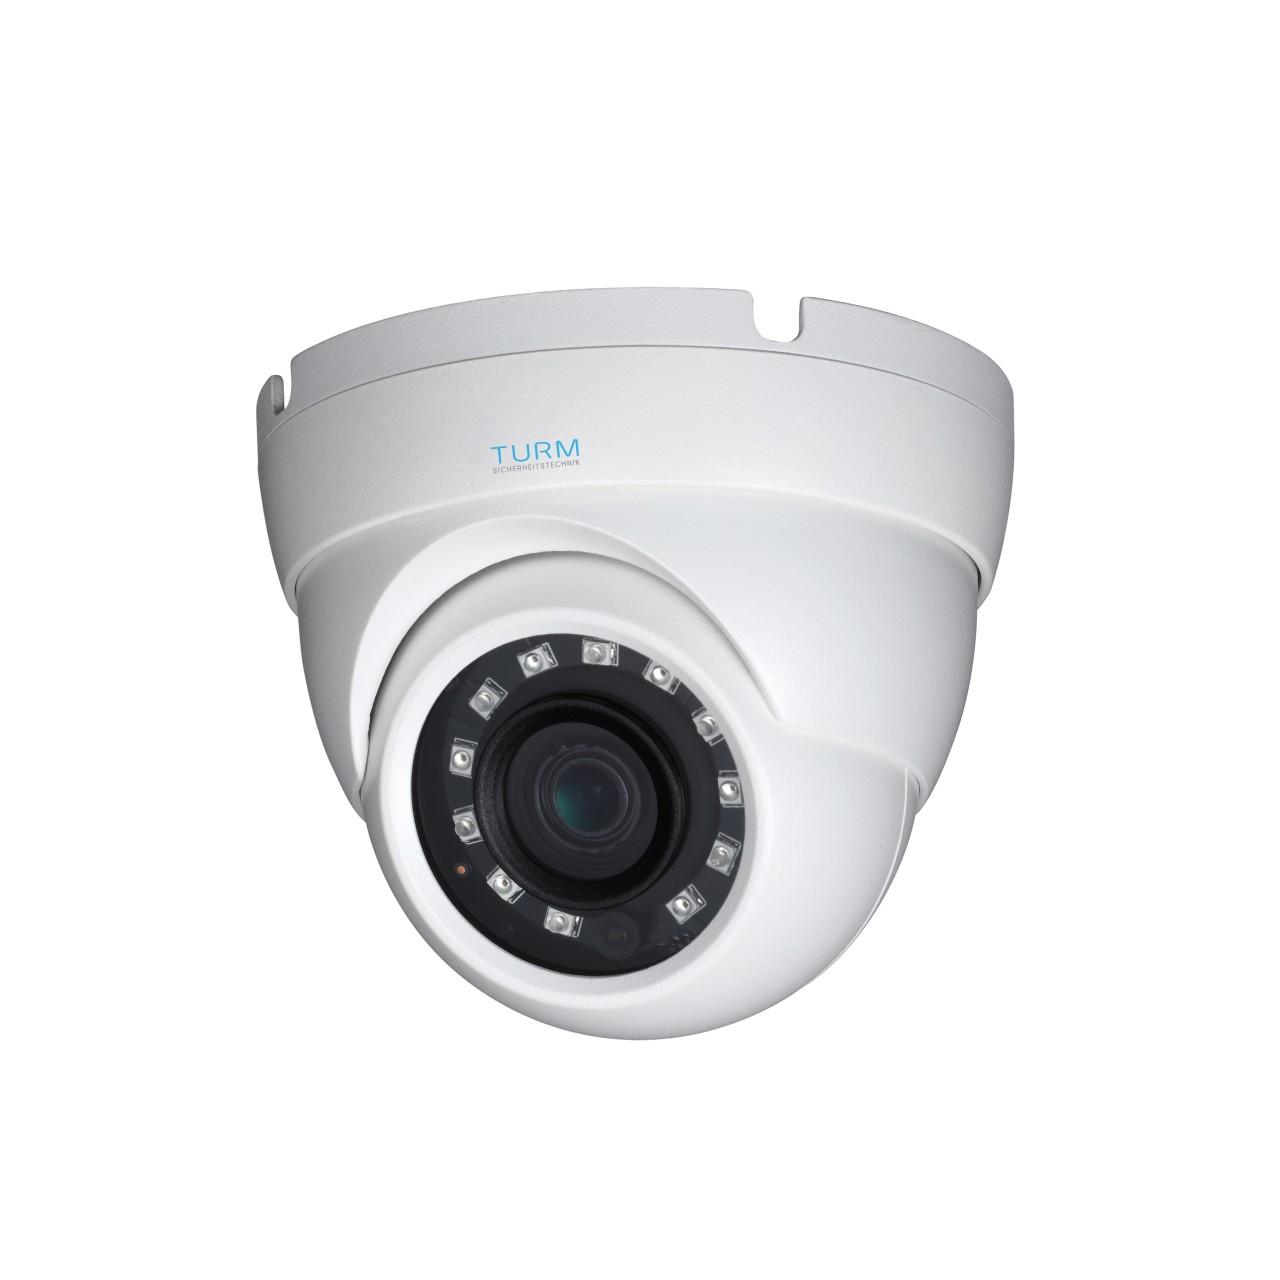 TURM HDCVI Lite 1 MP Dome Kamera, 30m Nachtsicht und 2,8mm Objektiv mit 84° Blickwinkel